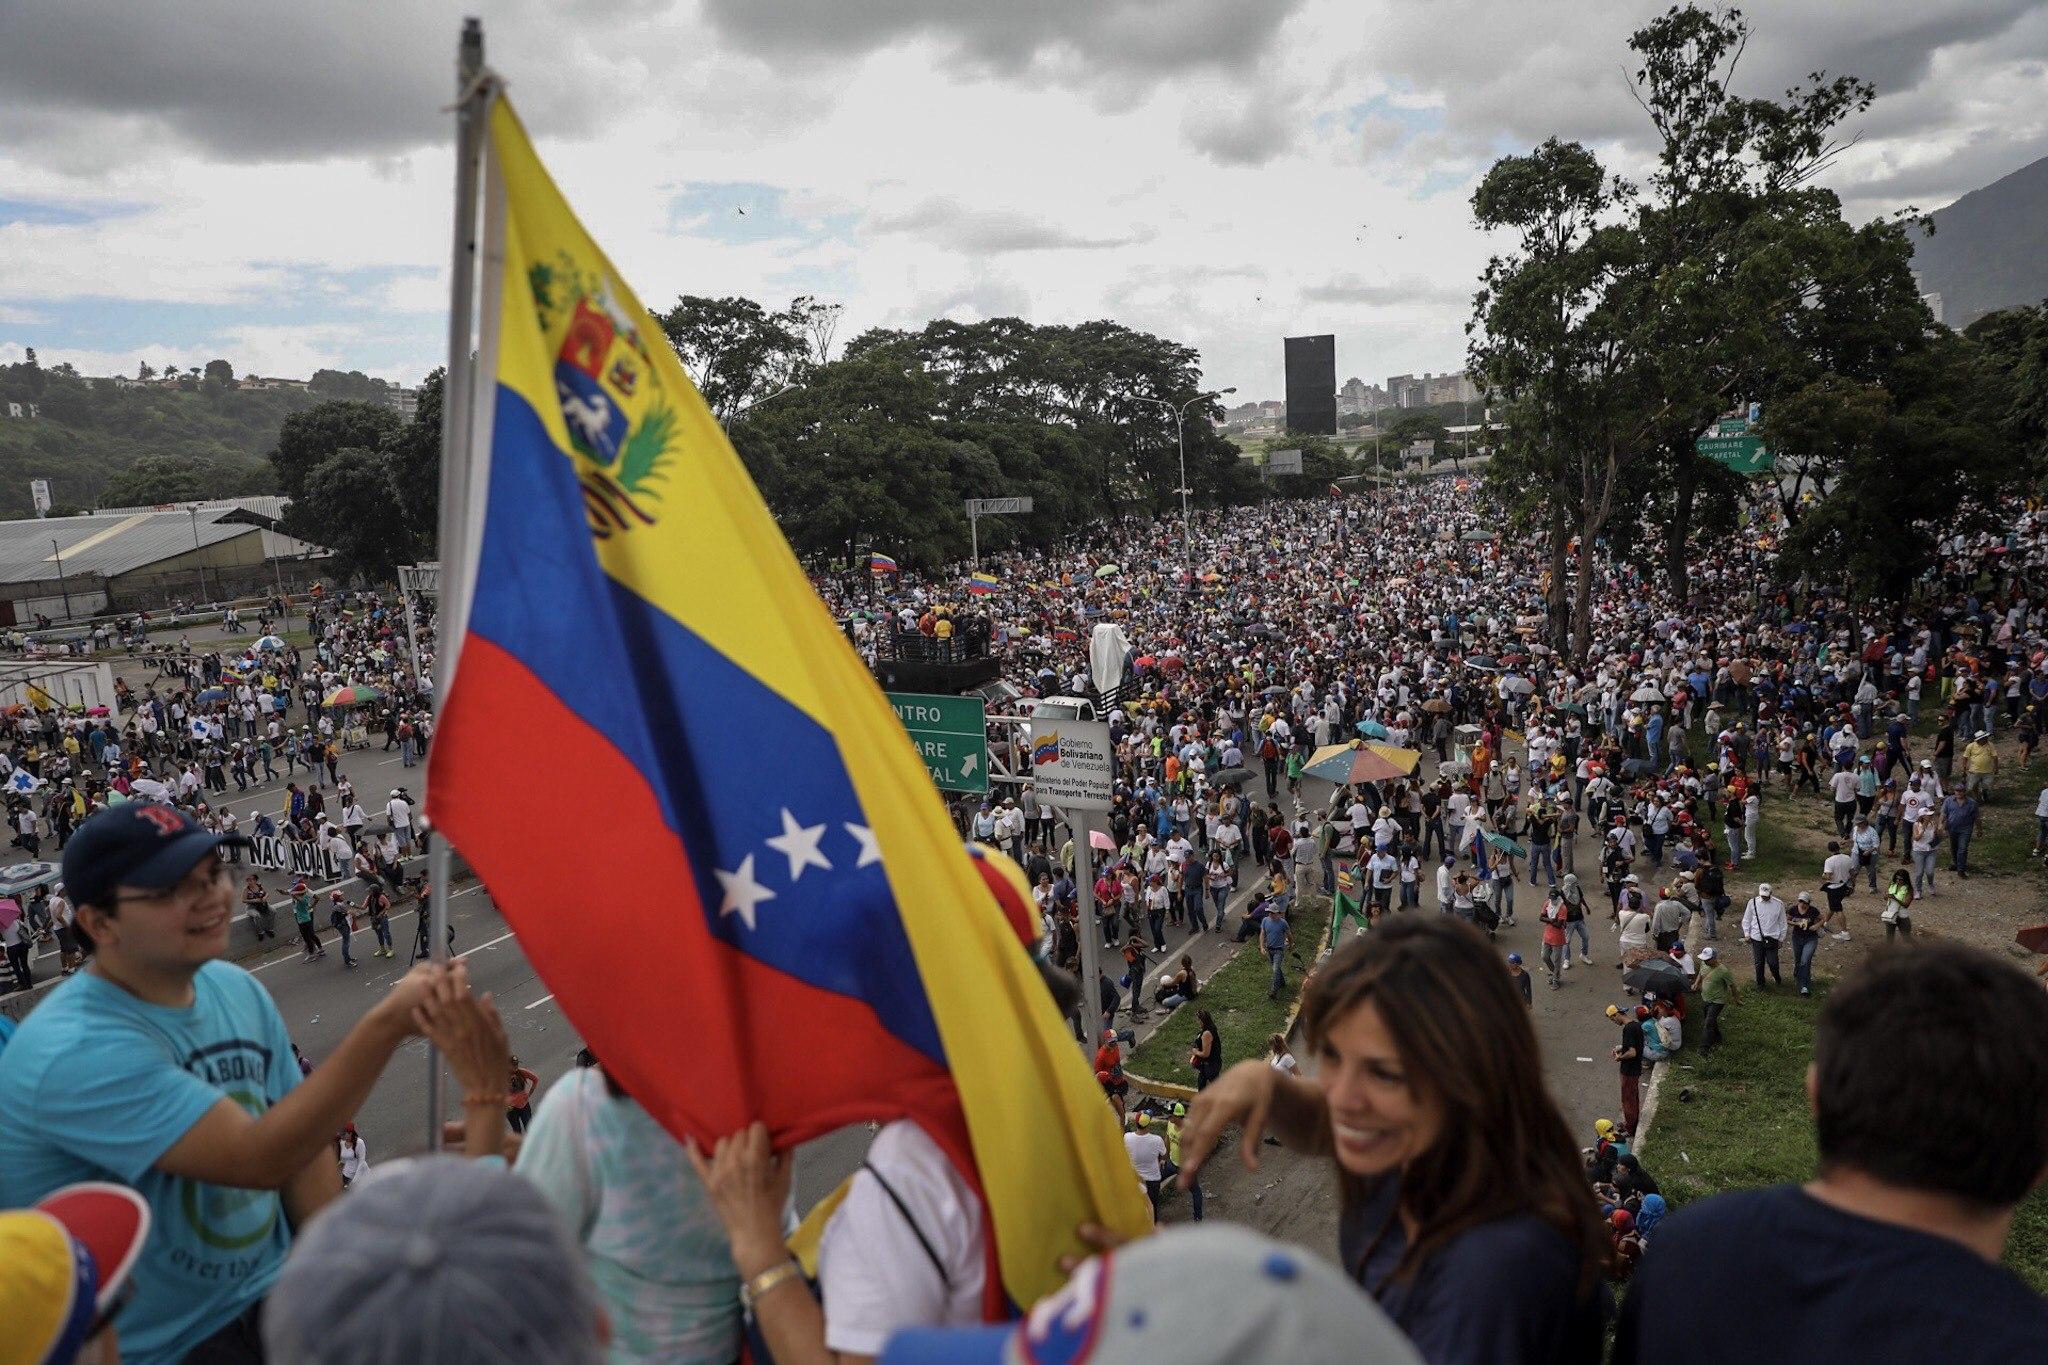 CAR12. CARACAS (VENEZUELA), 01/07/2017.- Manifestantes opositores participan en una marcha hoy, sábado 1 de julio de 2017, en Caracas (Venezuela). La oposición venezolana realiza hoy una concentración en Caracas como protesta contra la solicitud de antejuicio de mérito contra la fiscal de ese país, Luisa Ortega Díaz, que el Tribunal Supremo de Justicia (TSJ) admitió el pasado 20 de junio y con lo que la funcionaria podría ser enjuiciada. La coalición opositora Mesa de la Unidad Democrática (MUD) invitó a las personas a concentrarse en el este de Caracas, específicamente en la autopista Francisco Fajardo, principal arteria vial de la capital, a la altura de Los Ruices. EFE/Miguel Gutiérrez